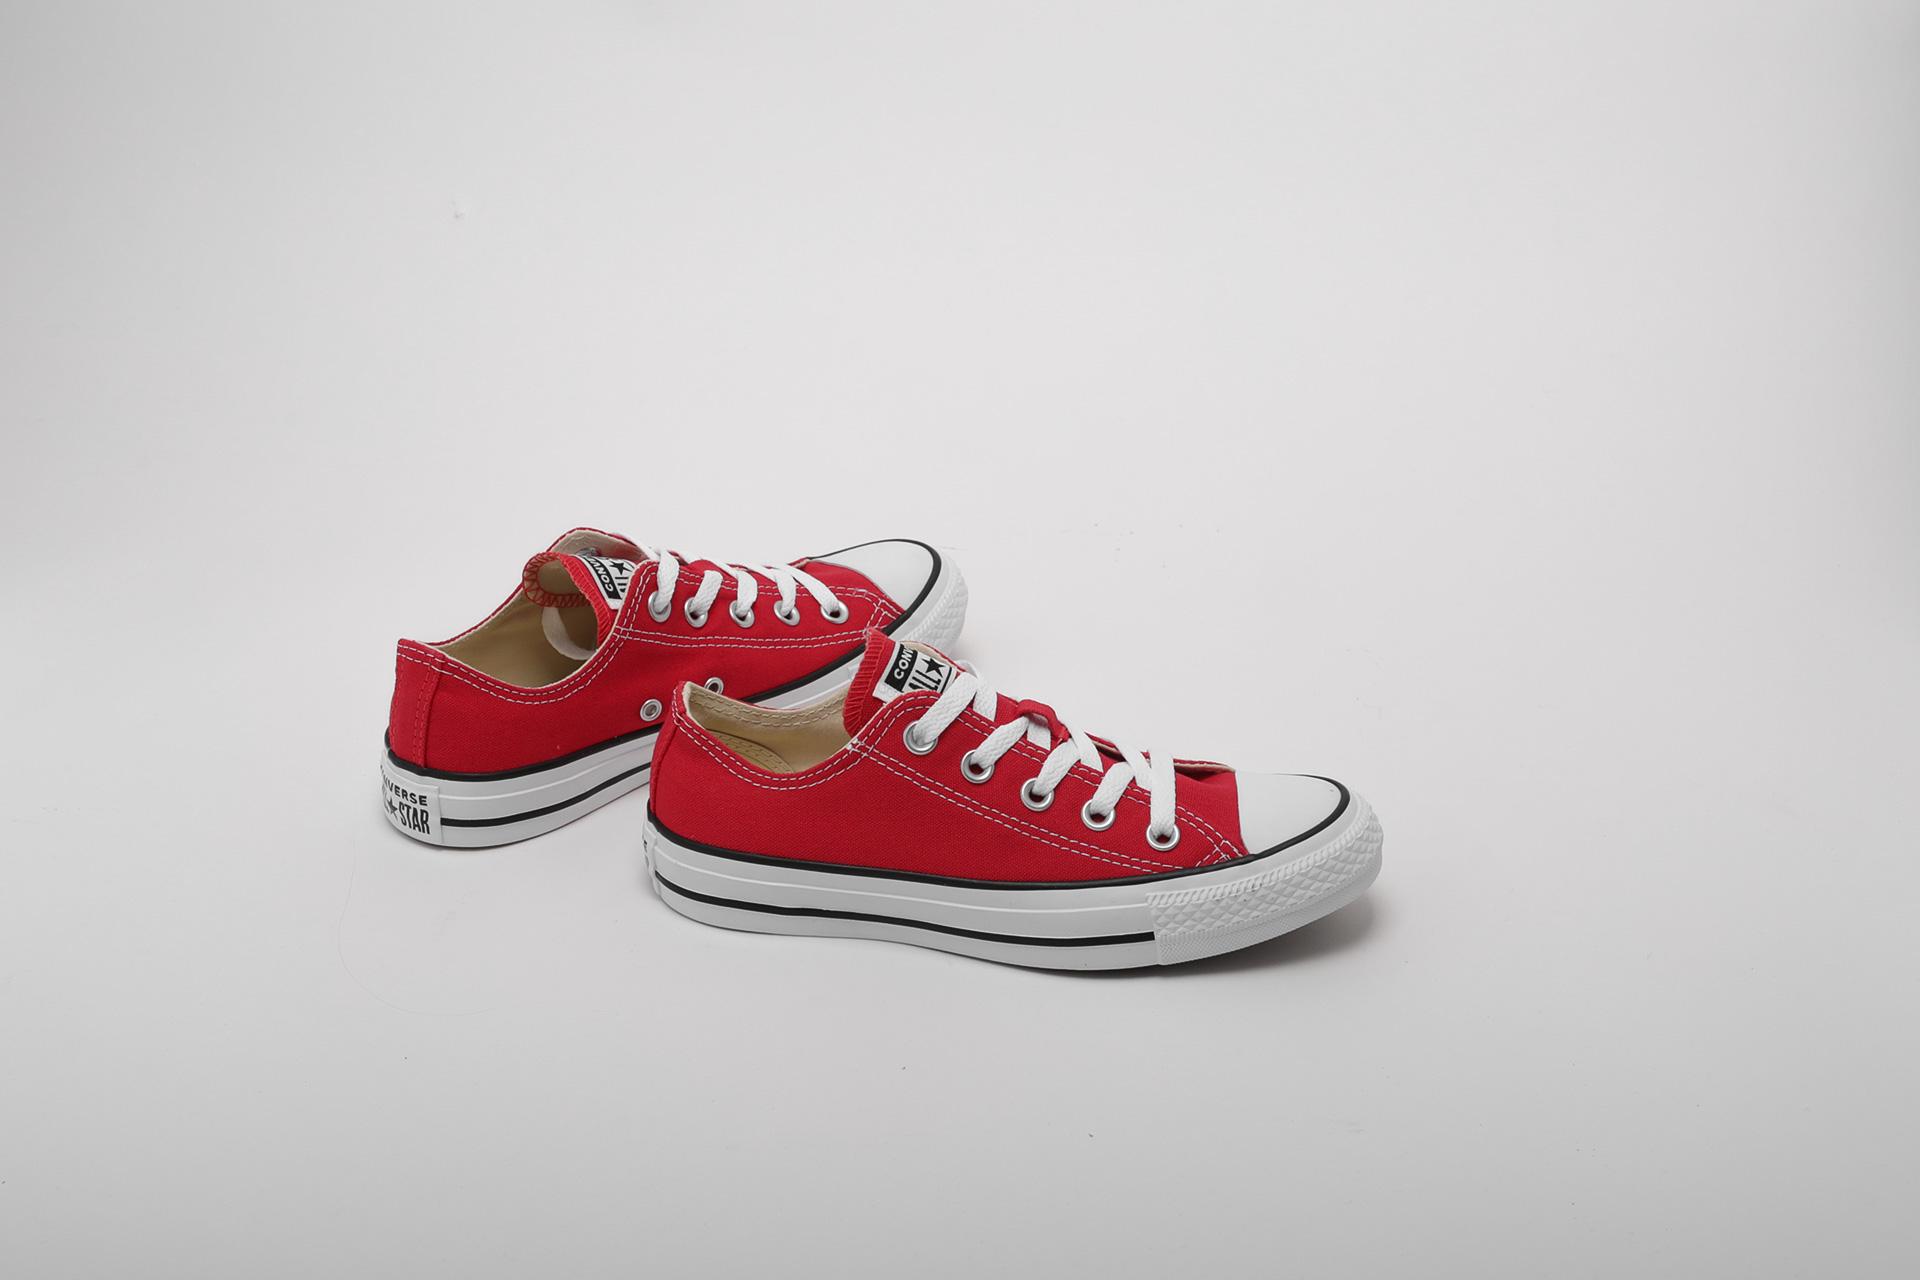 1554fbb1 Купить красные кеды All Star OX от Converse (M9696) по цене 5200 рублей